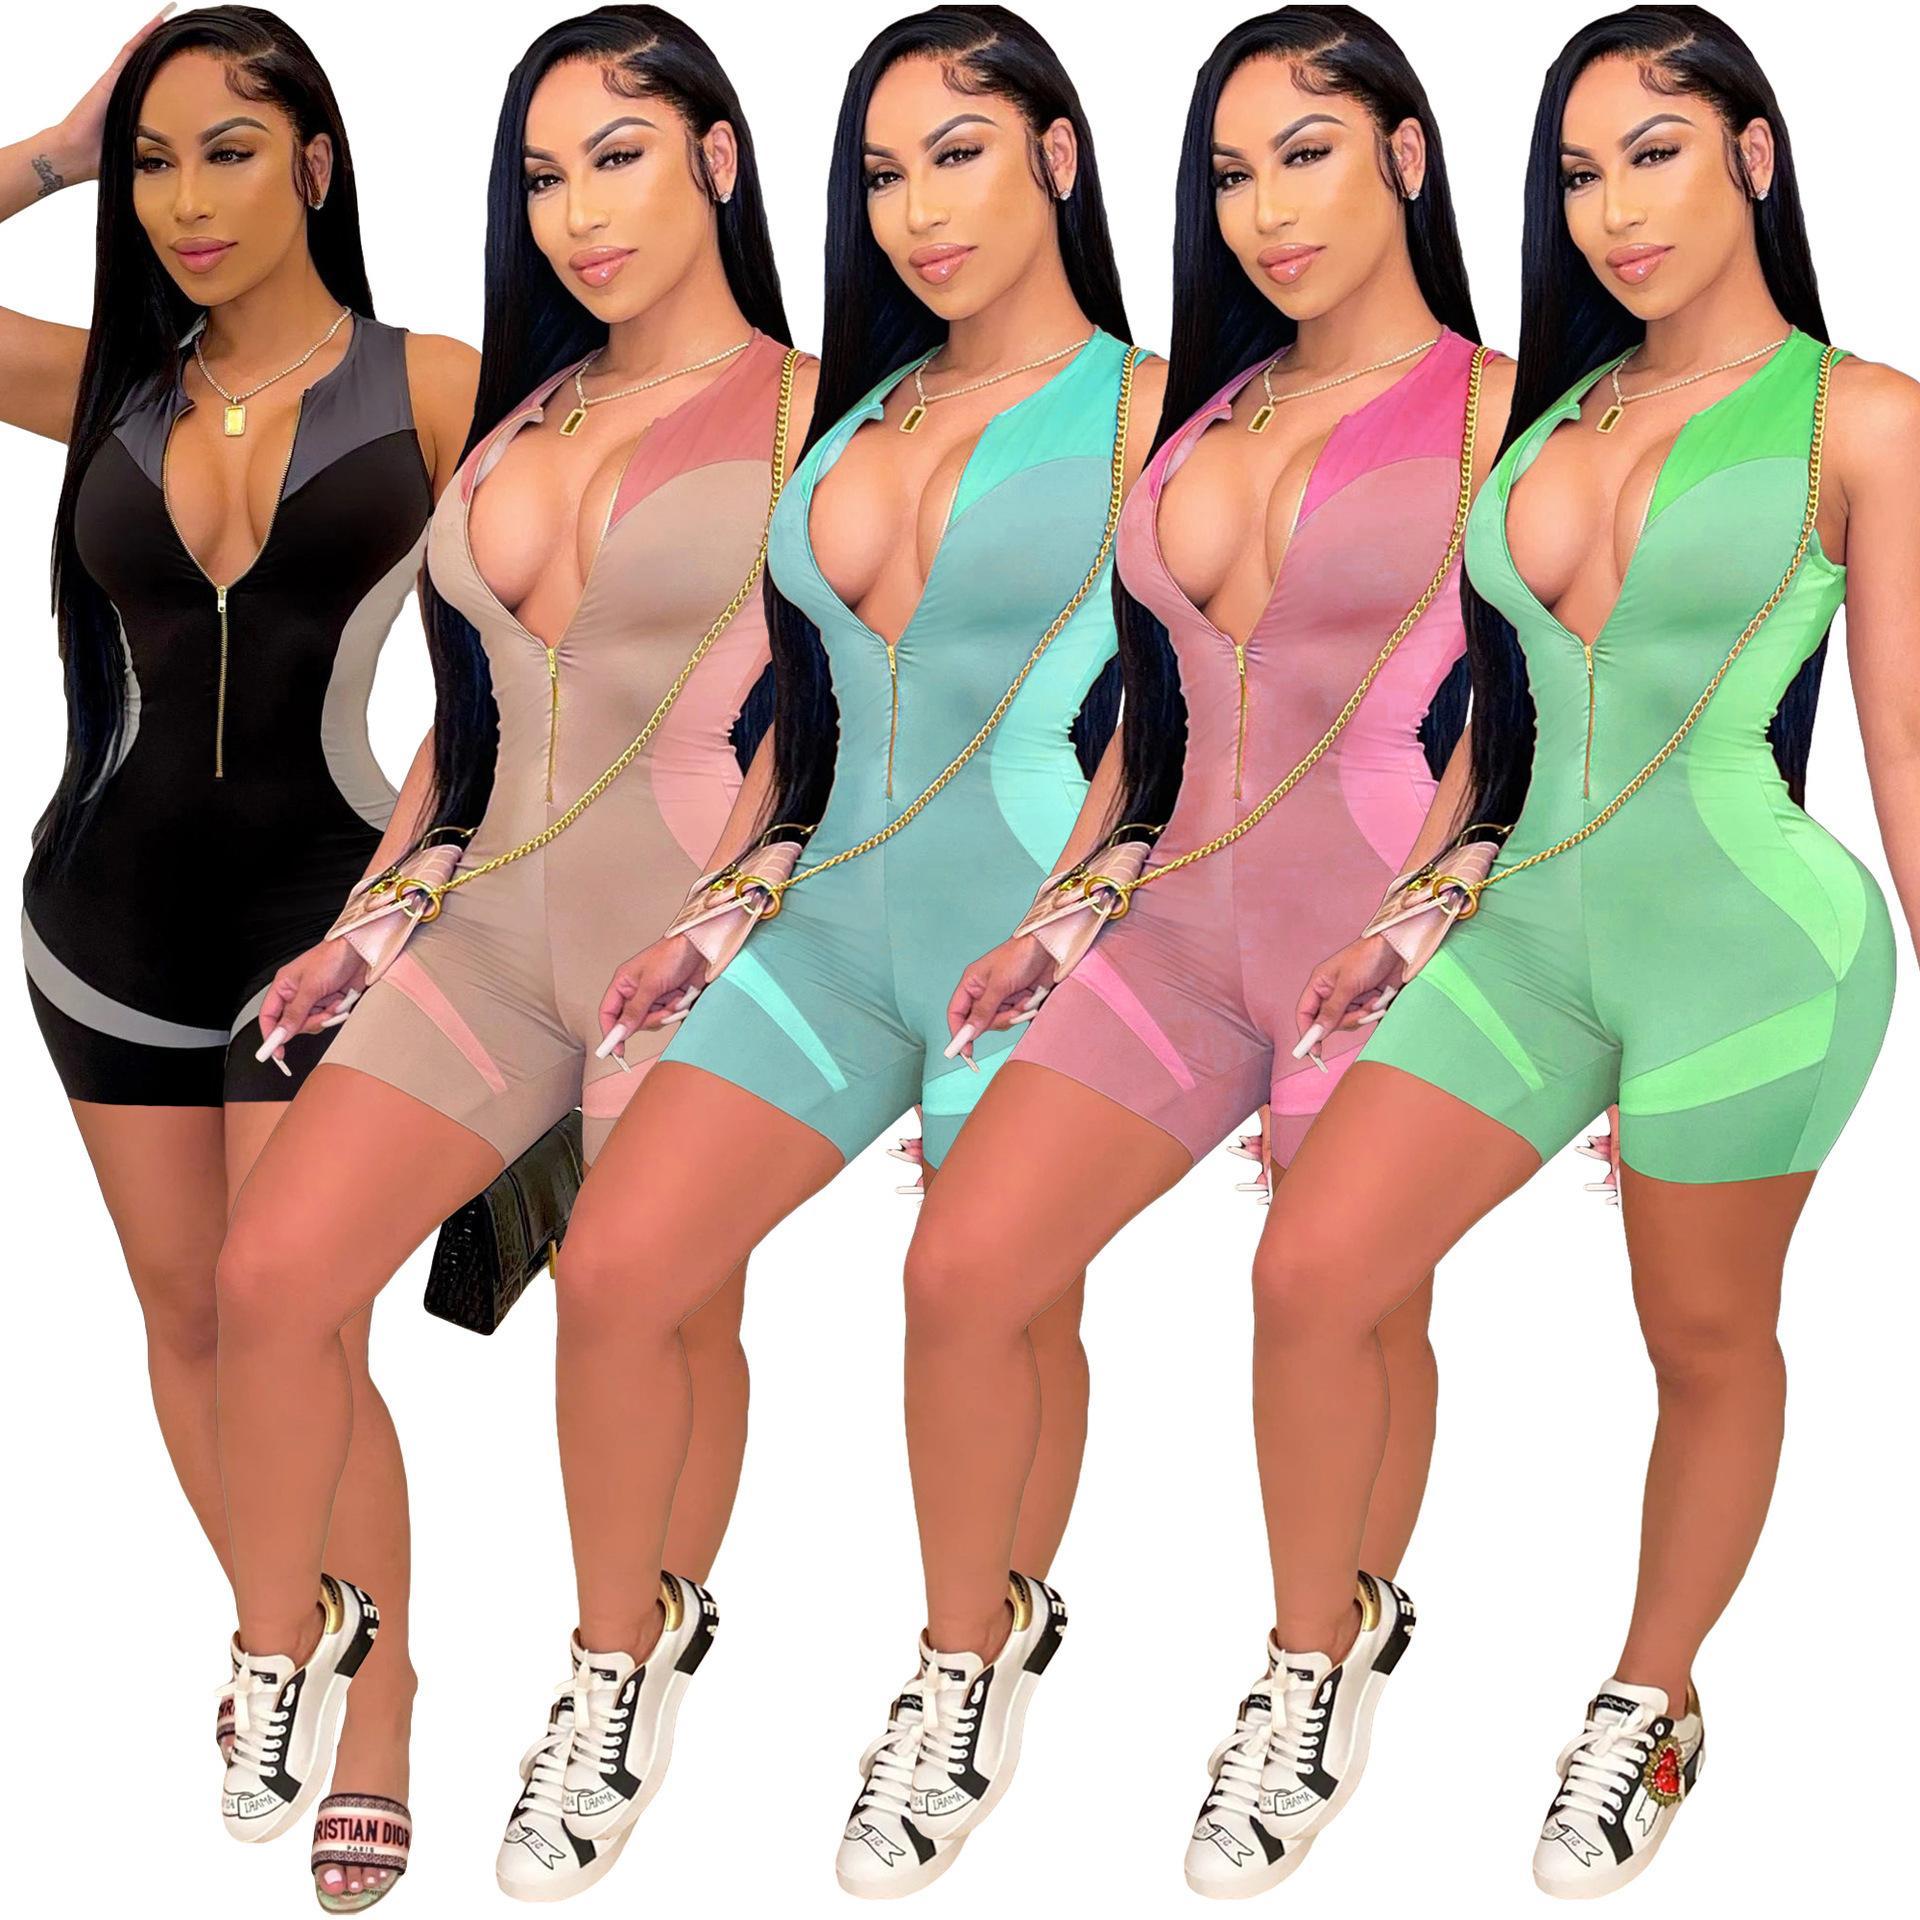 디자이너 여성 2021 패션 Jumpsuits 슬림 프린트 민소매 원피스 반바지 V-neck 섹시한 클럽 착용 Rompers DHL